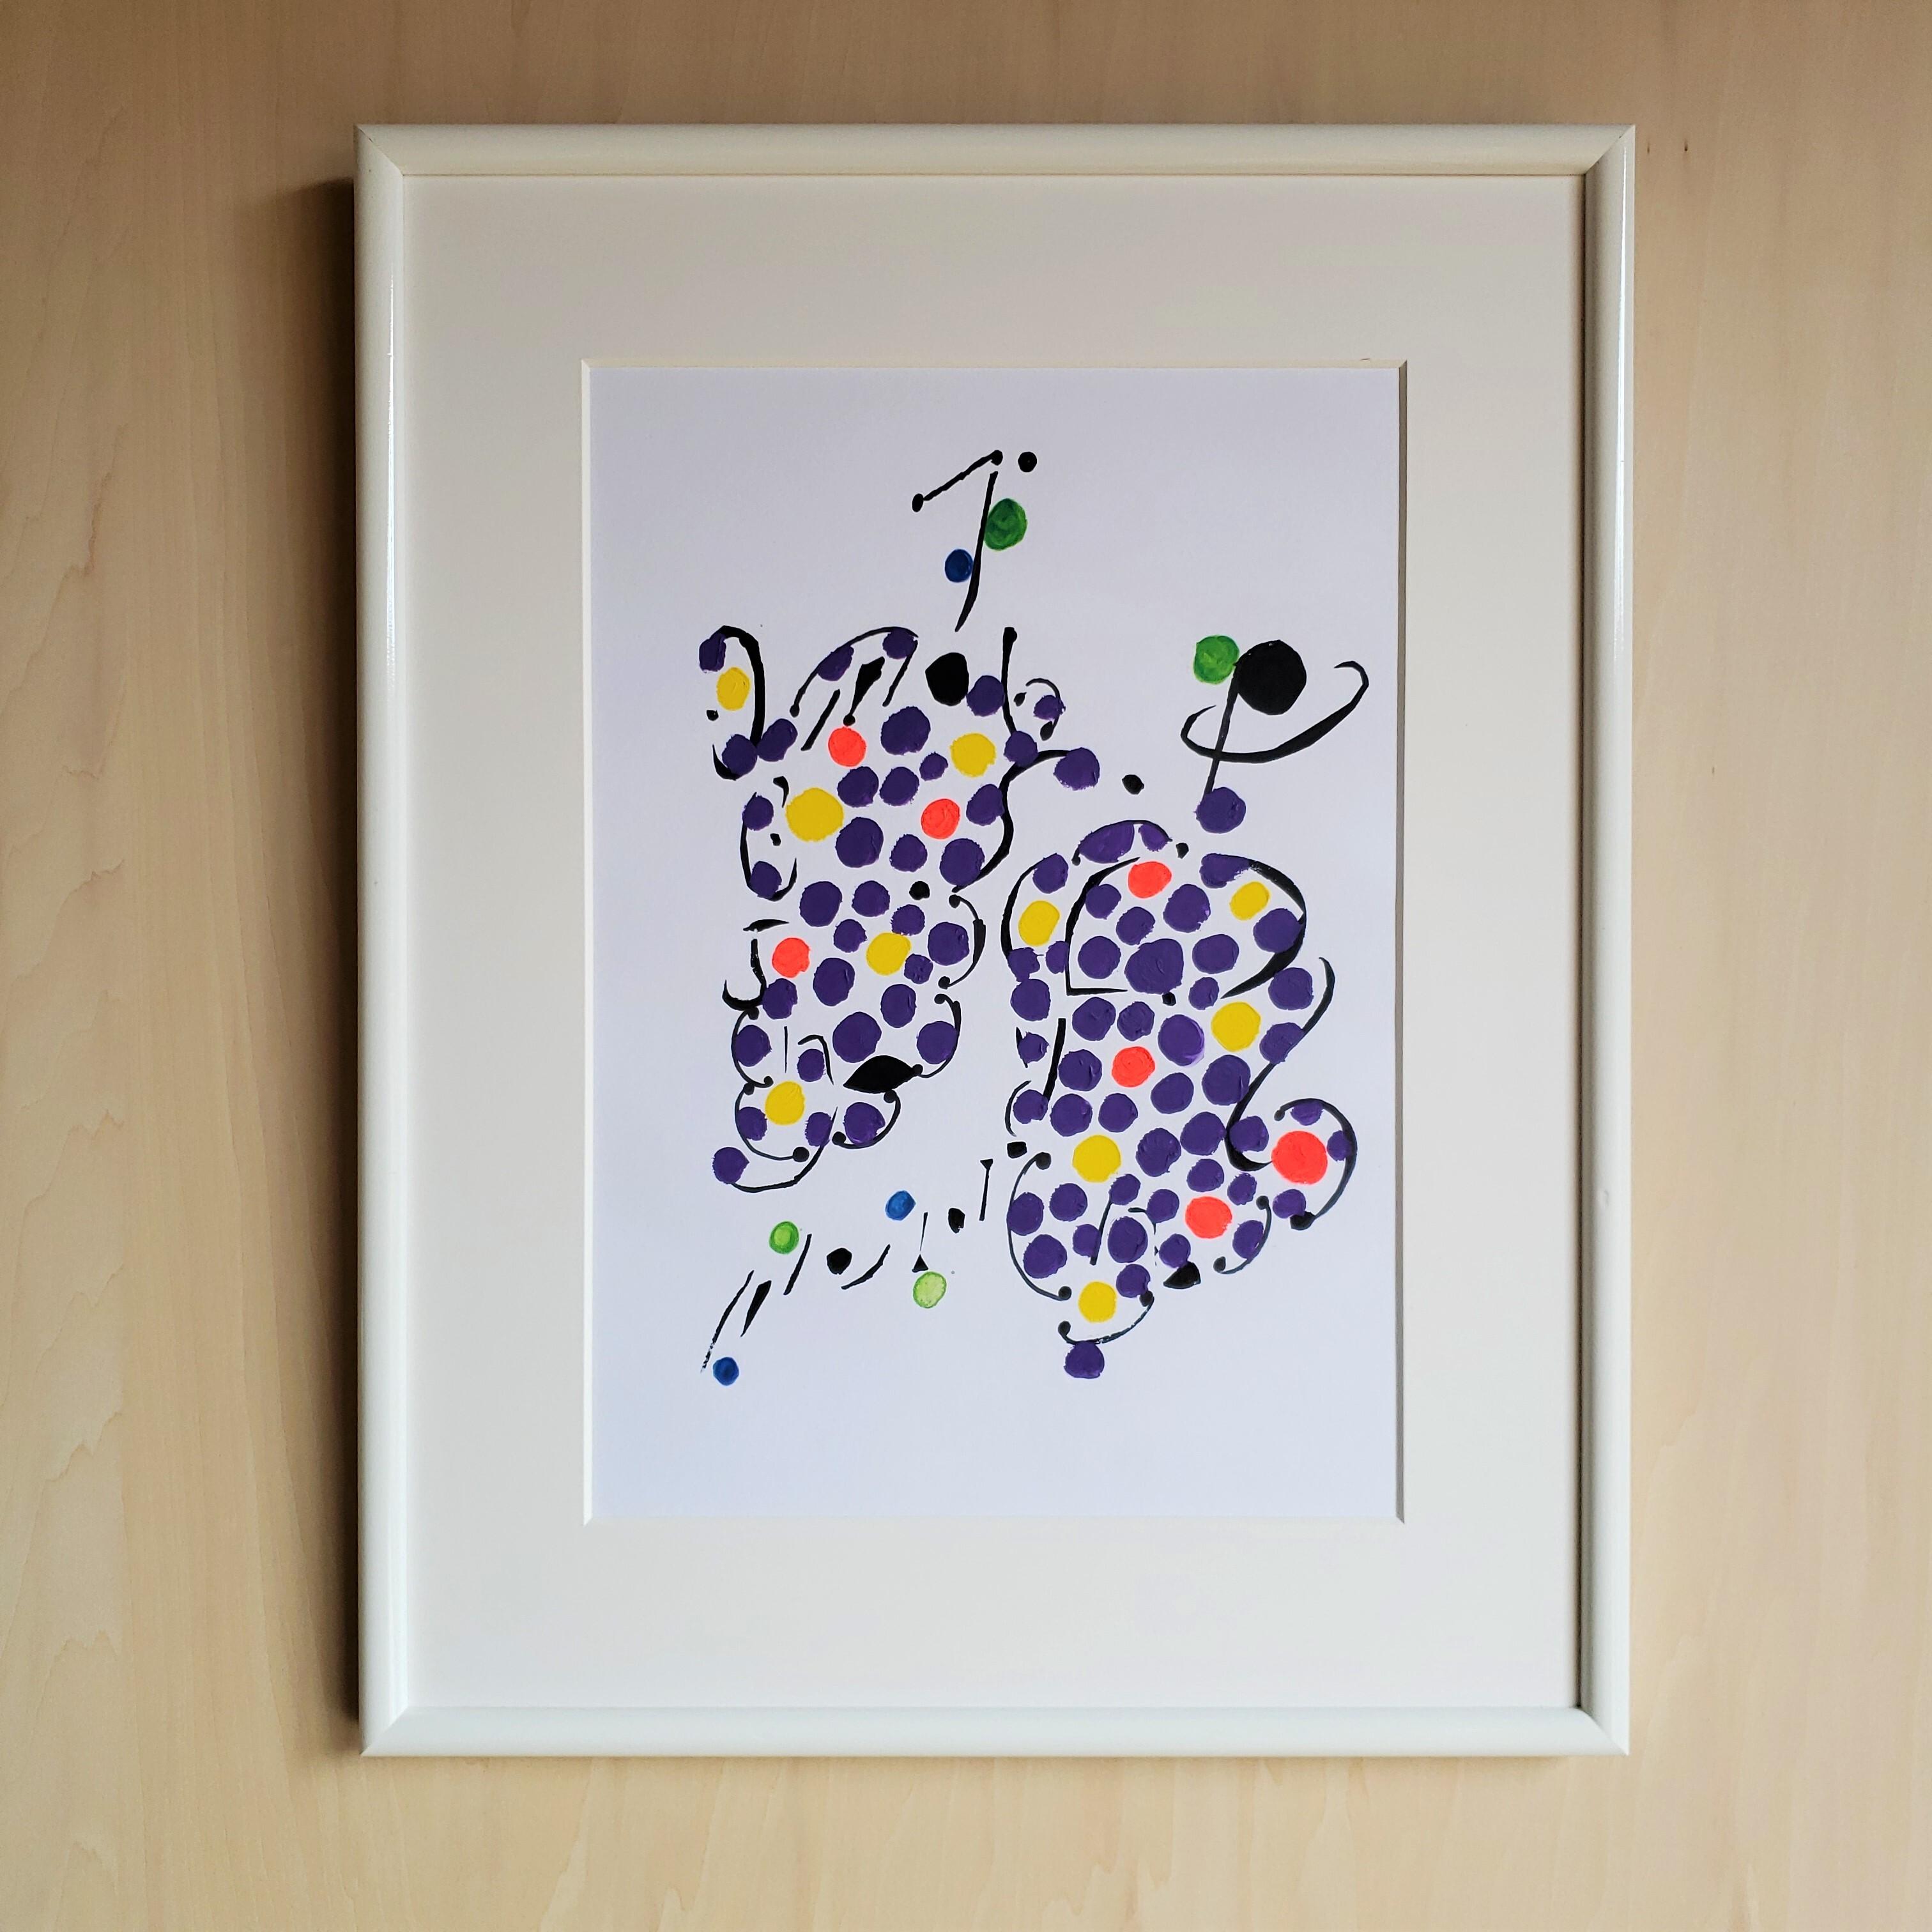 【原画レンタル】TTAR_004(Grapes)